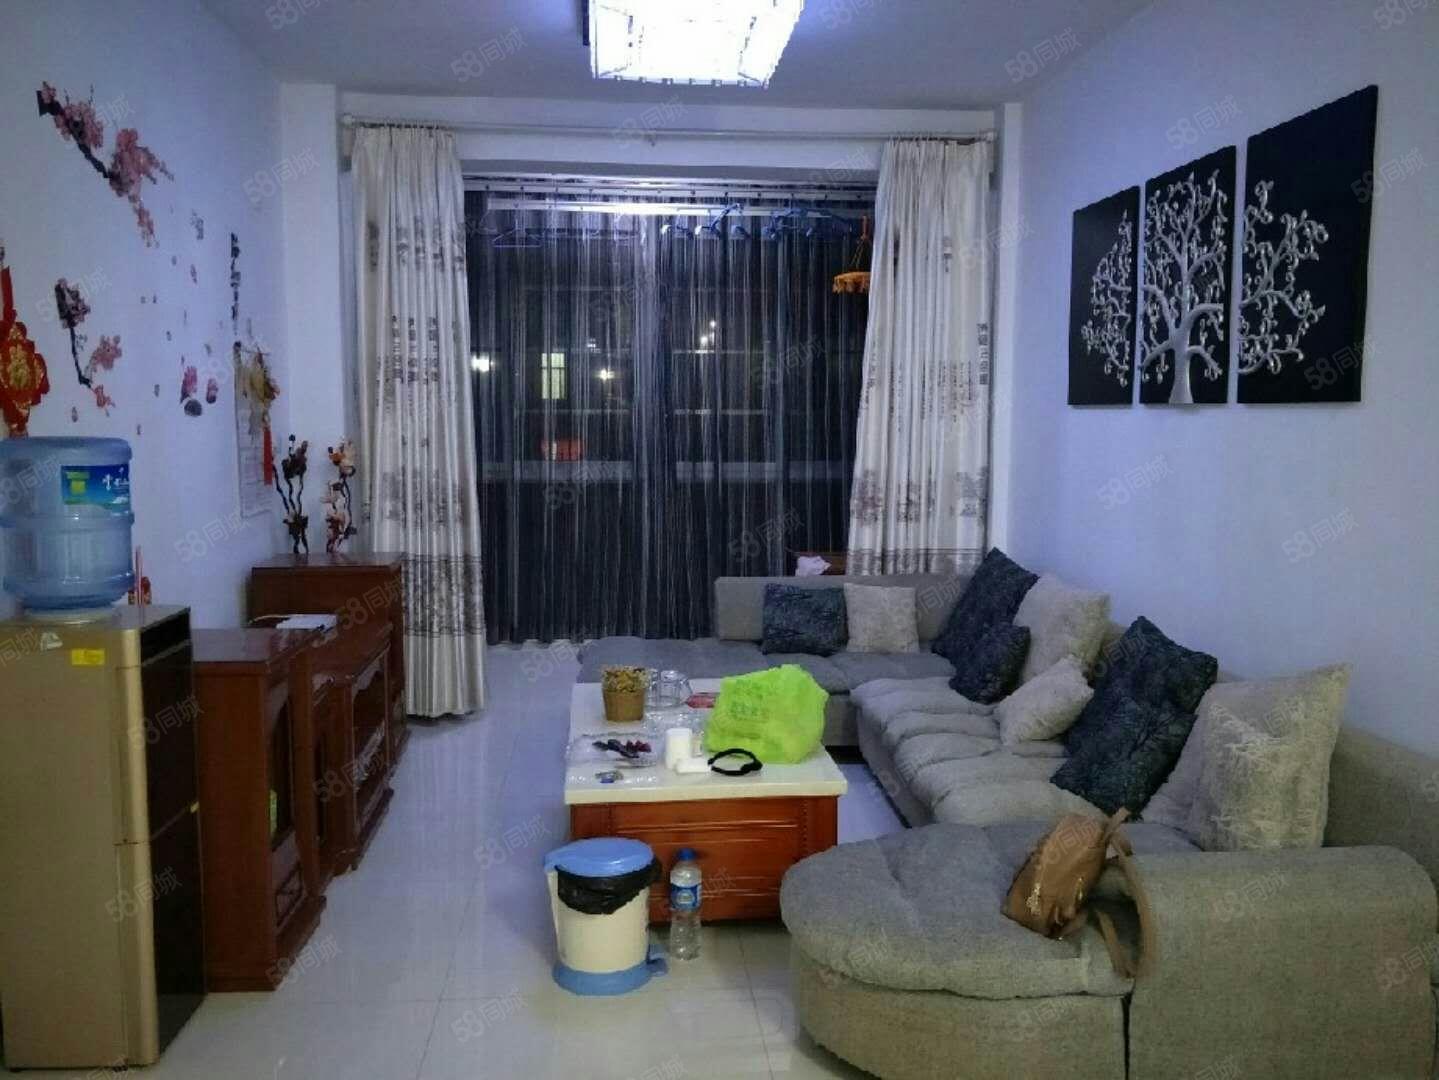 急租秀峰苑4楼+85平米+精装两室+1250/月+拎包即住